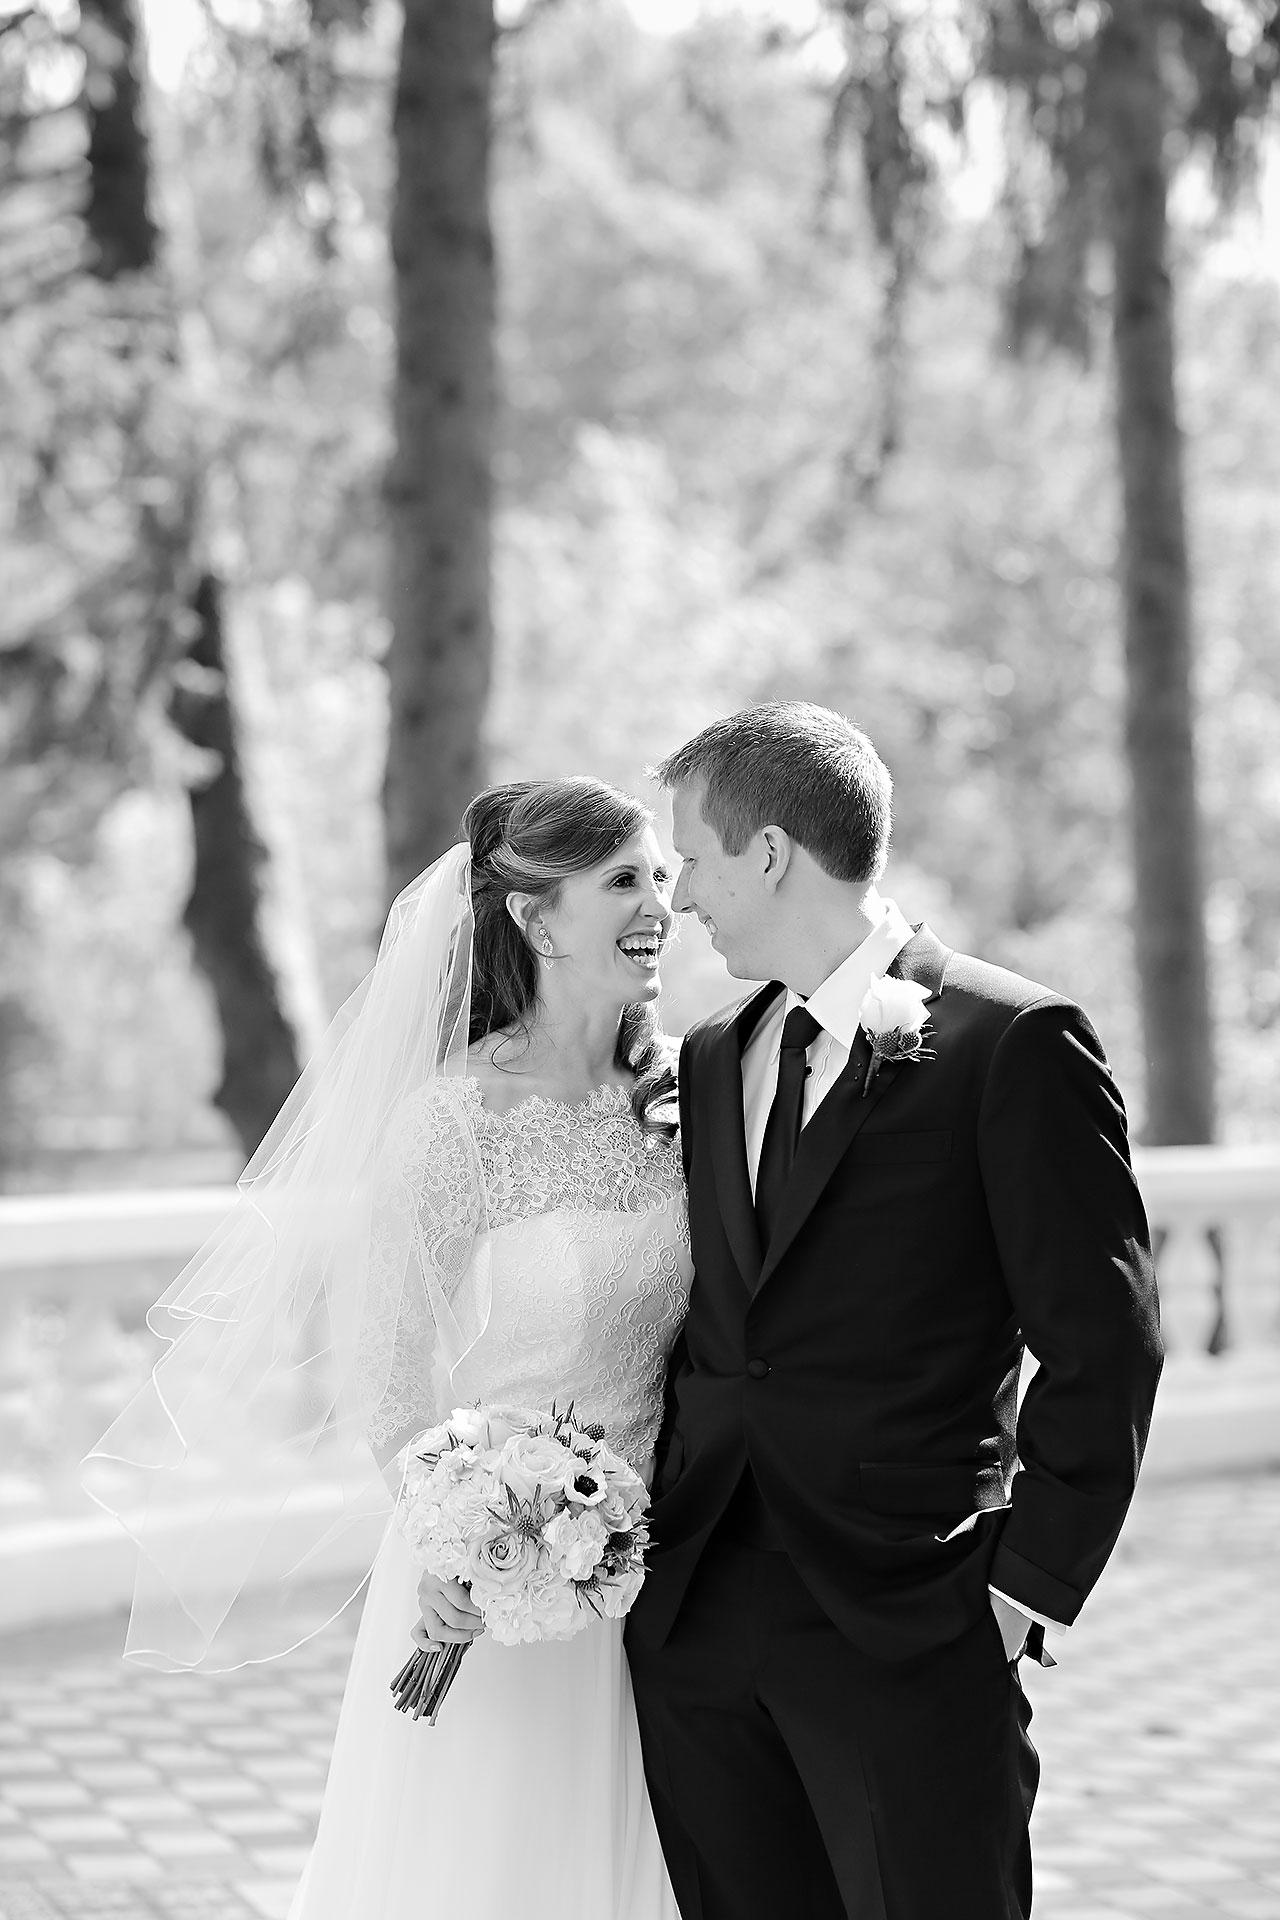 Chelsea Jeff West Baden Wedding 112